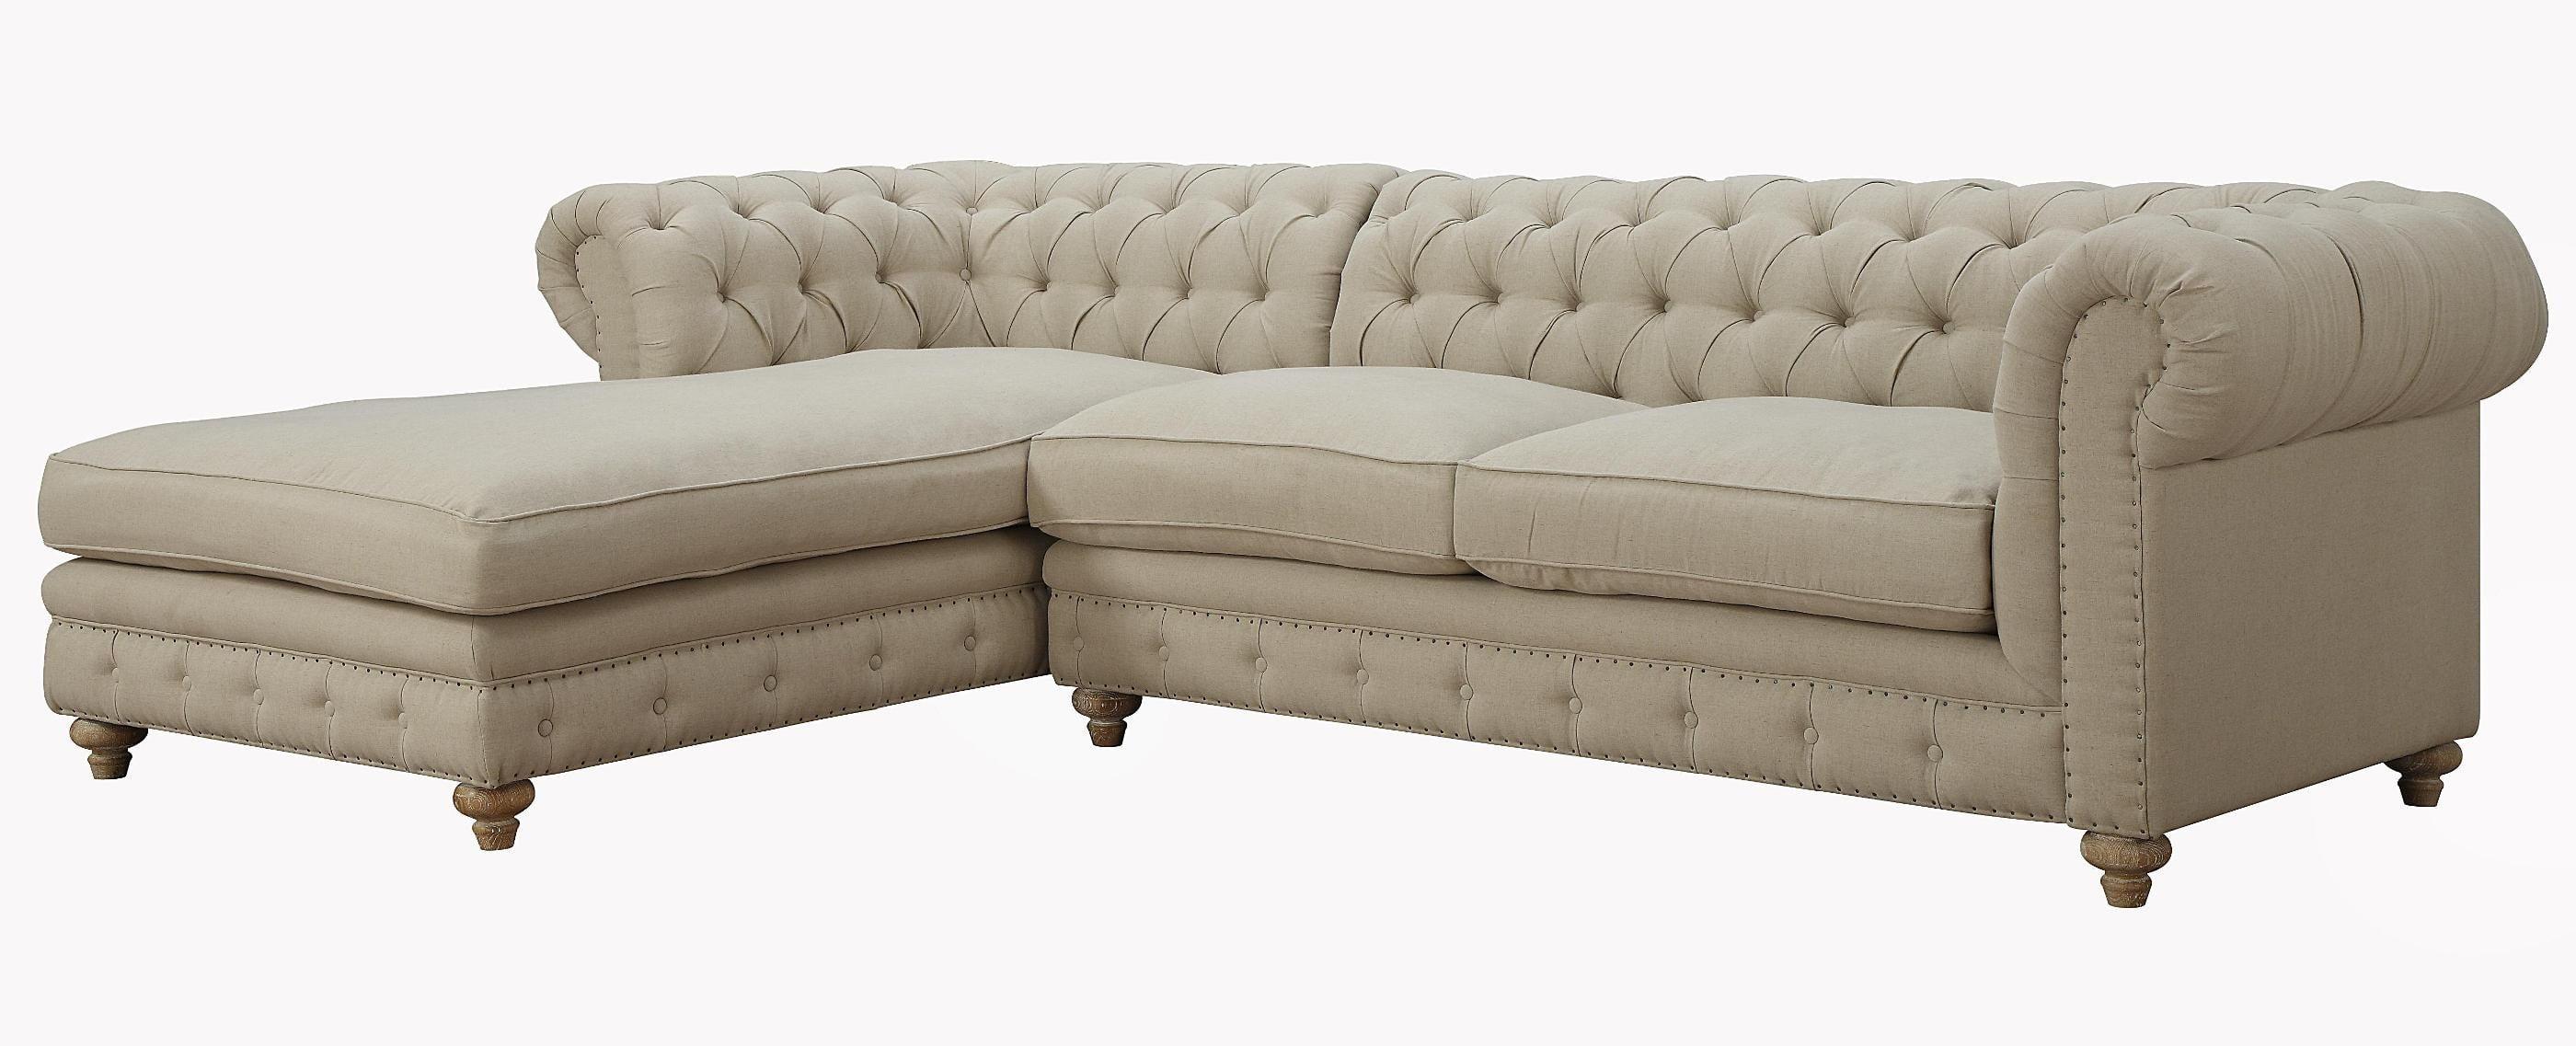 oxford beige linen laf sectional from tov s19 sec l coleman furniture. Black Bedroom Furniture Sets. Home Design Ideas